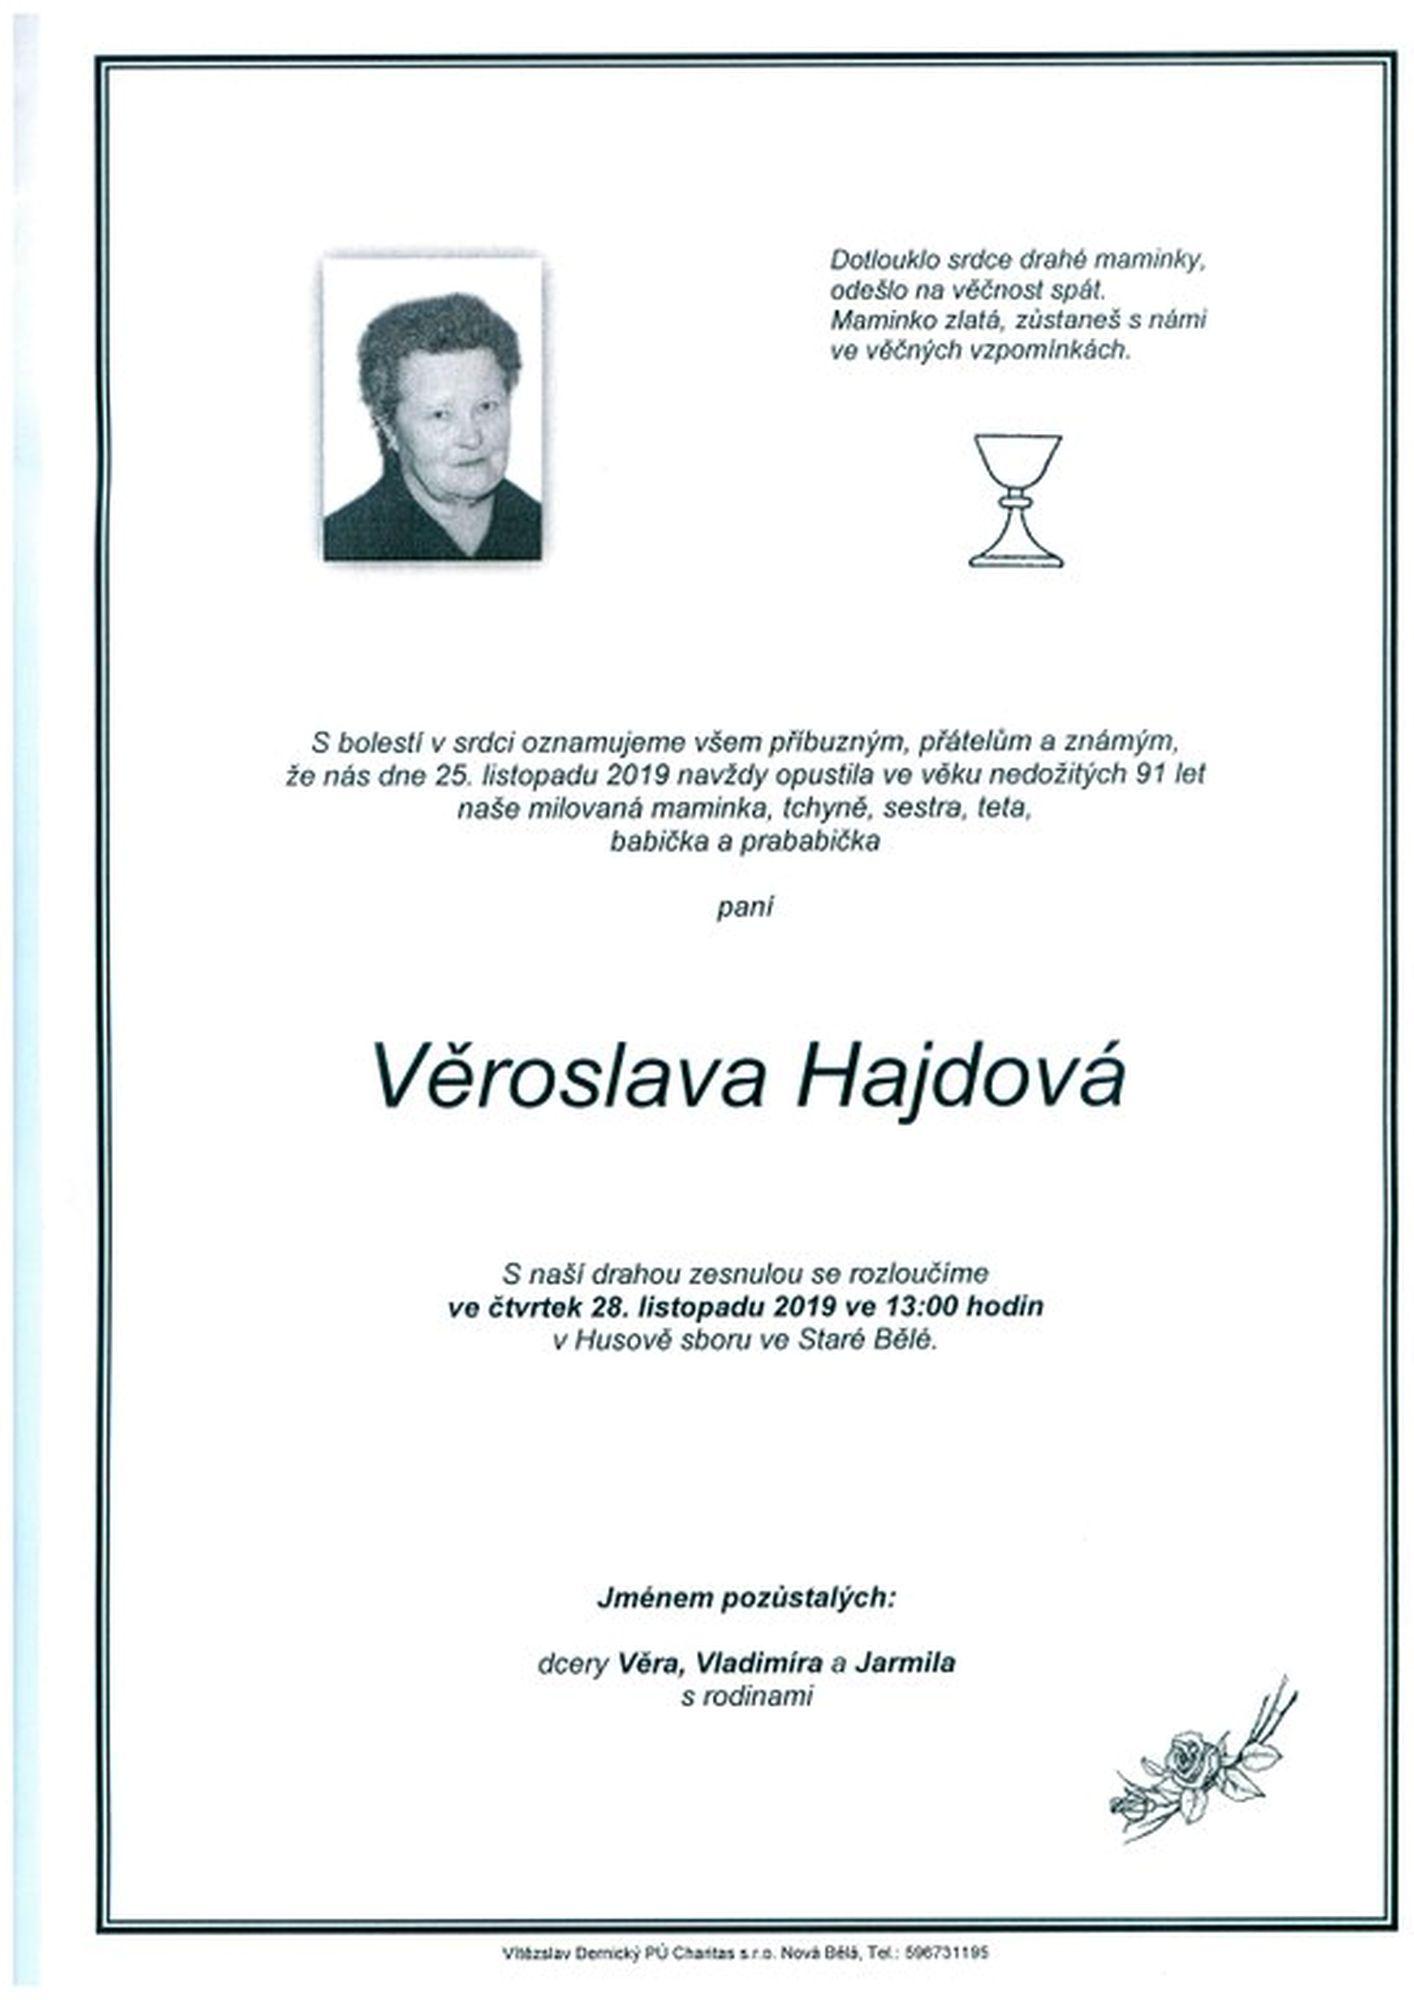 Věroslava Hajdová